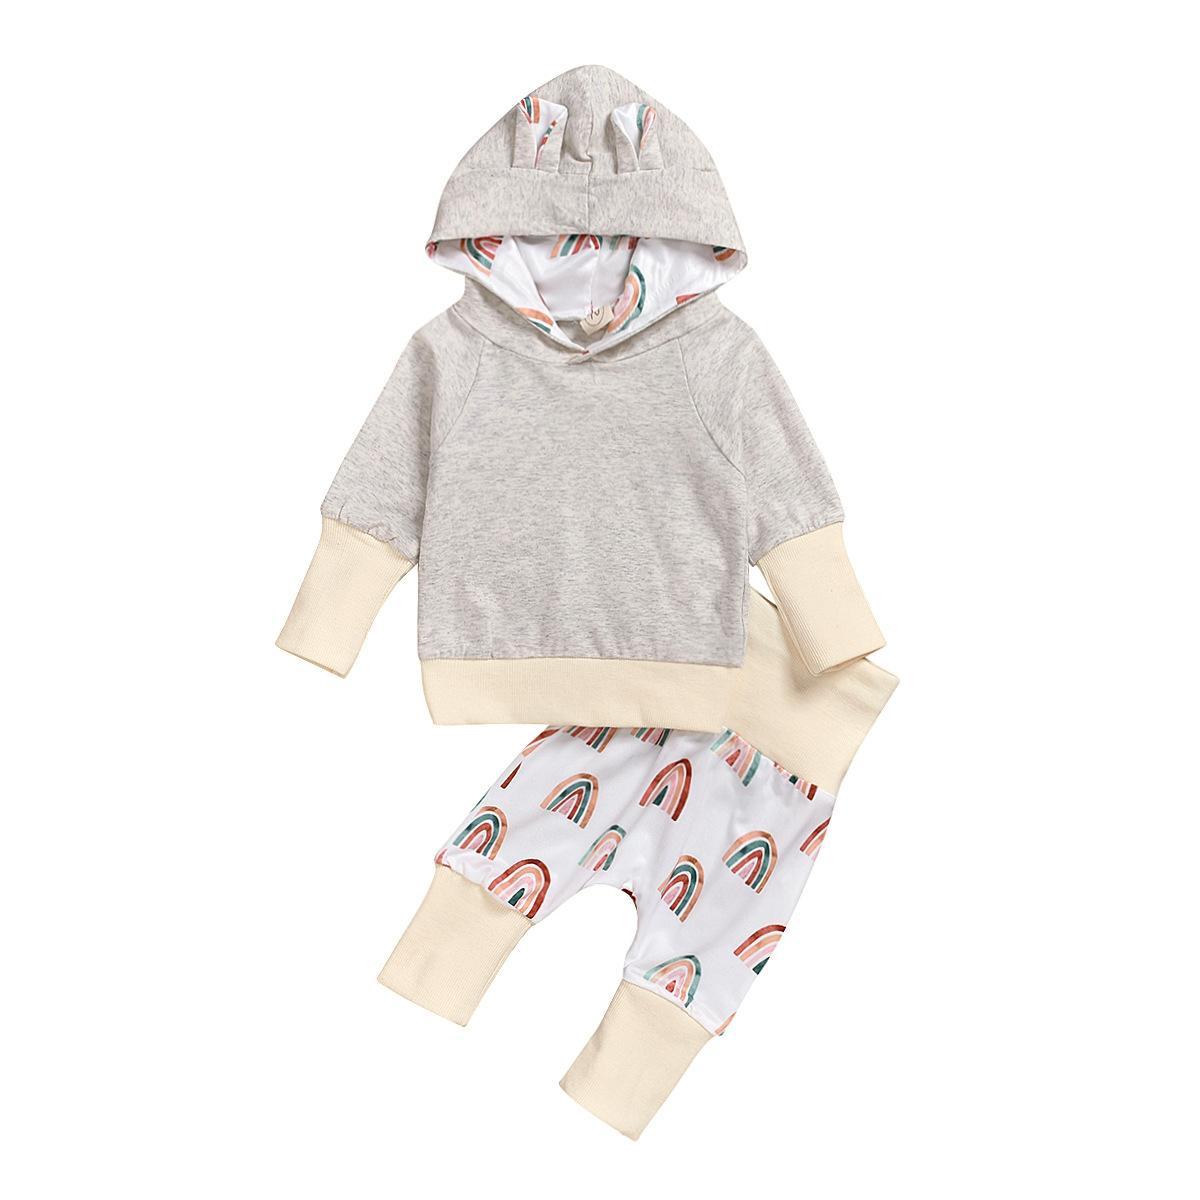 Instintos de la ropa de los estilos de los insilados Set del arco iris Imprimir Sudaderas con capucha de manga larga + Pantalón bebé 2 piezas conjuntos